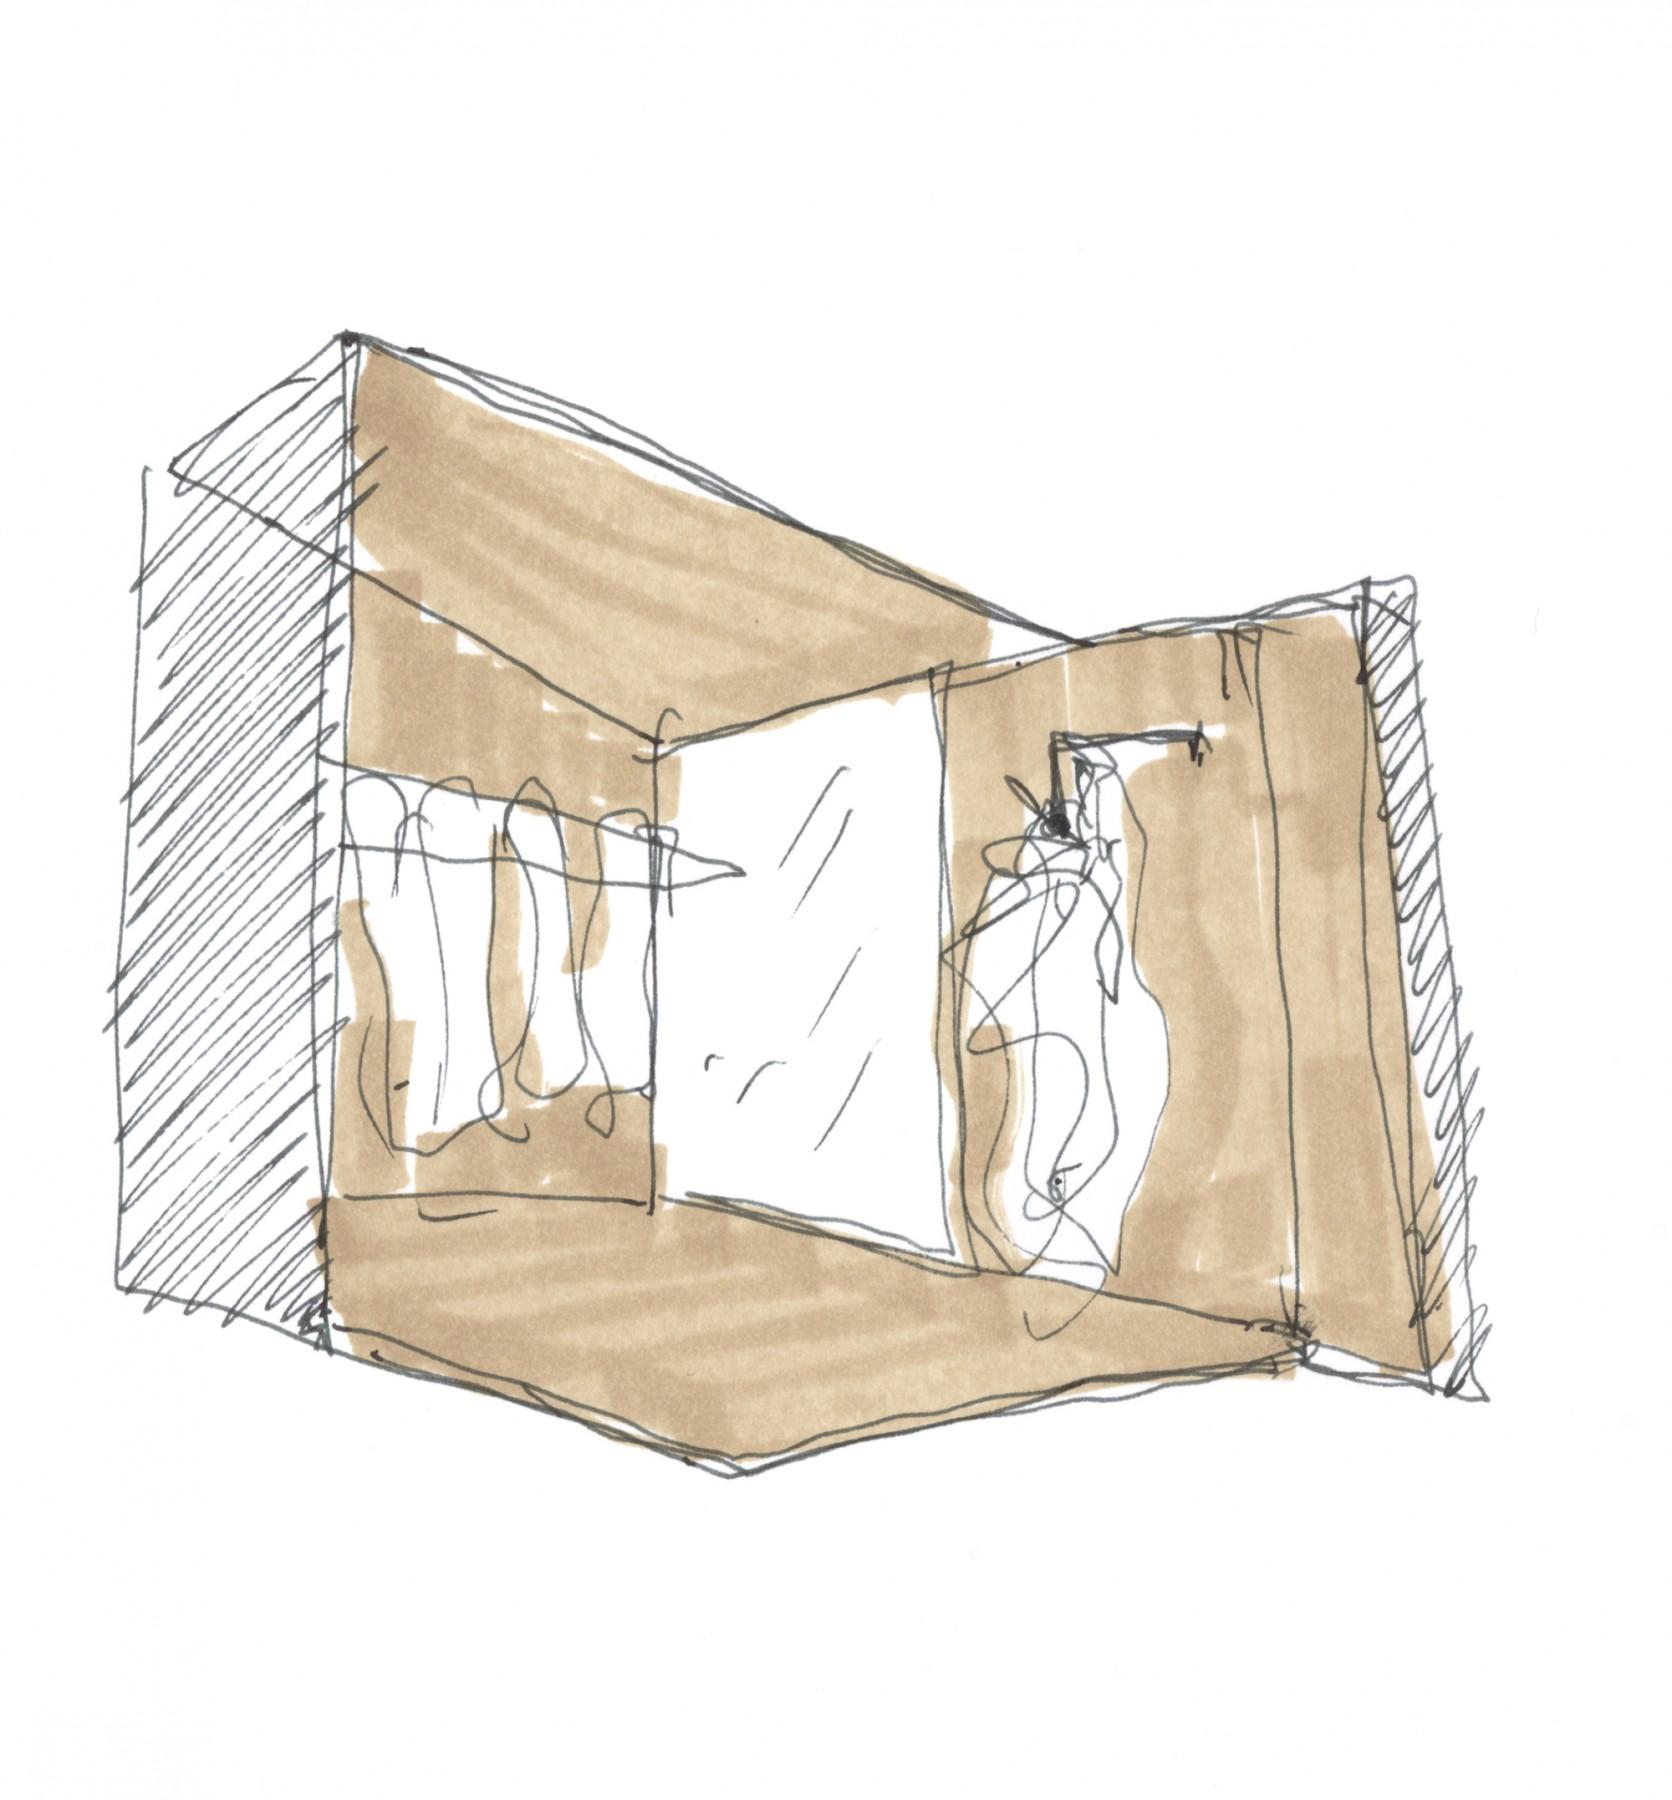 Givenchy-Paris-boutique-designer-fashion-retail-Jamie-Fobert-Architects-sketch